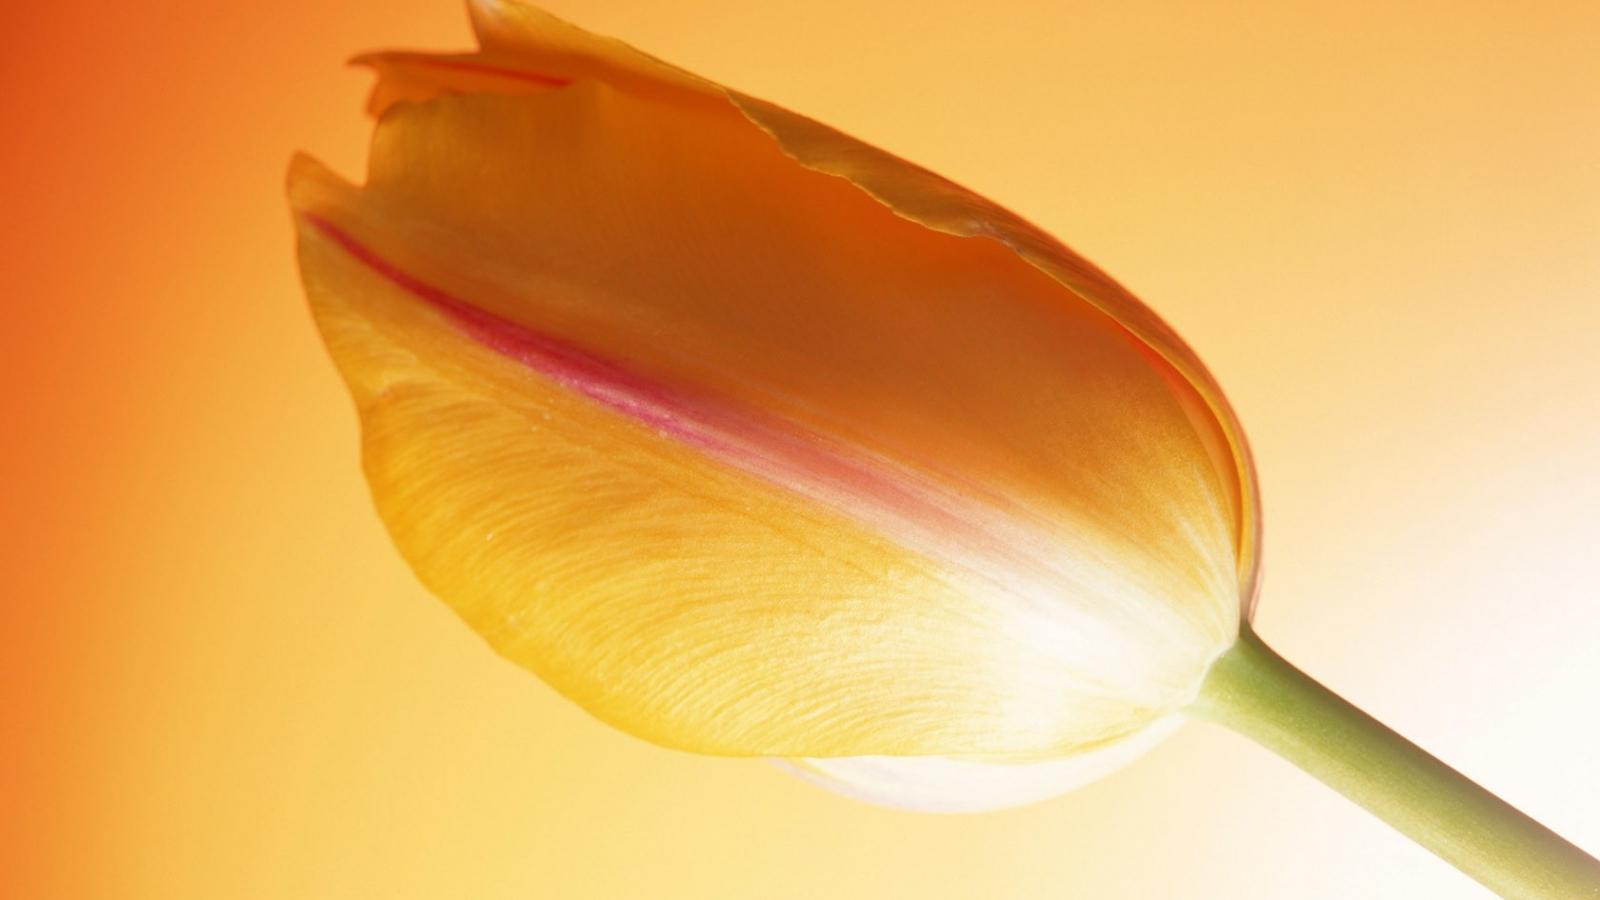 Una flor tulipan naranja - 1600x900